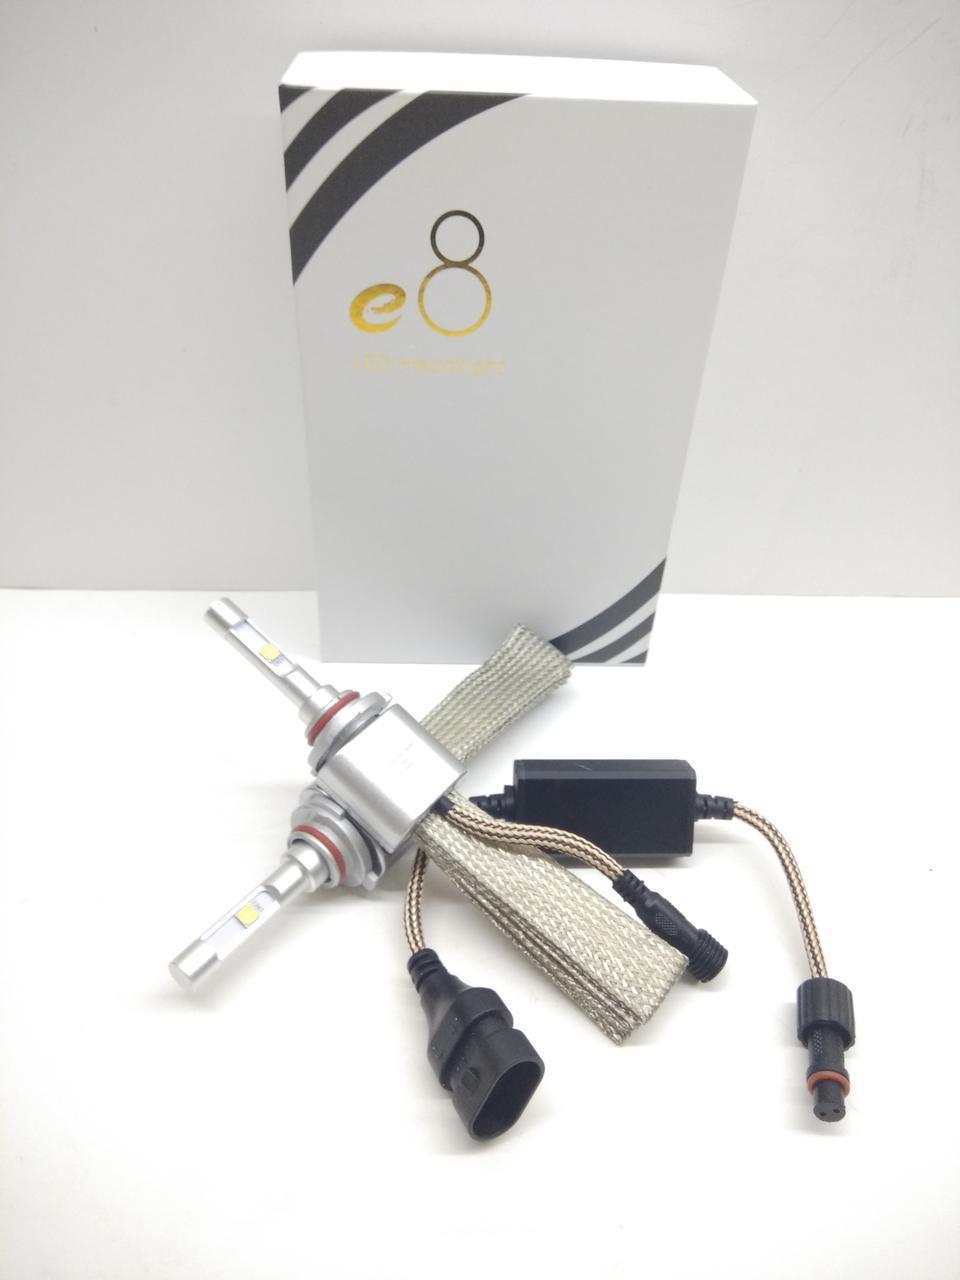 Автолампы LED E8, HB4 (9006), Cree XHP50, 7600Lm, 36W, косичка